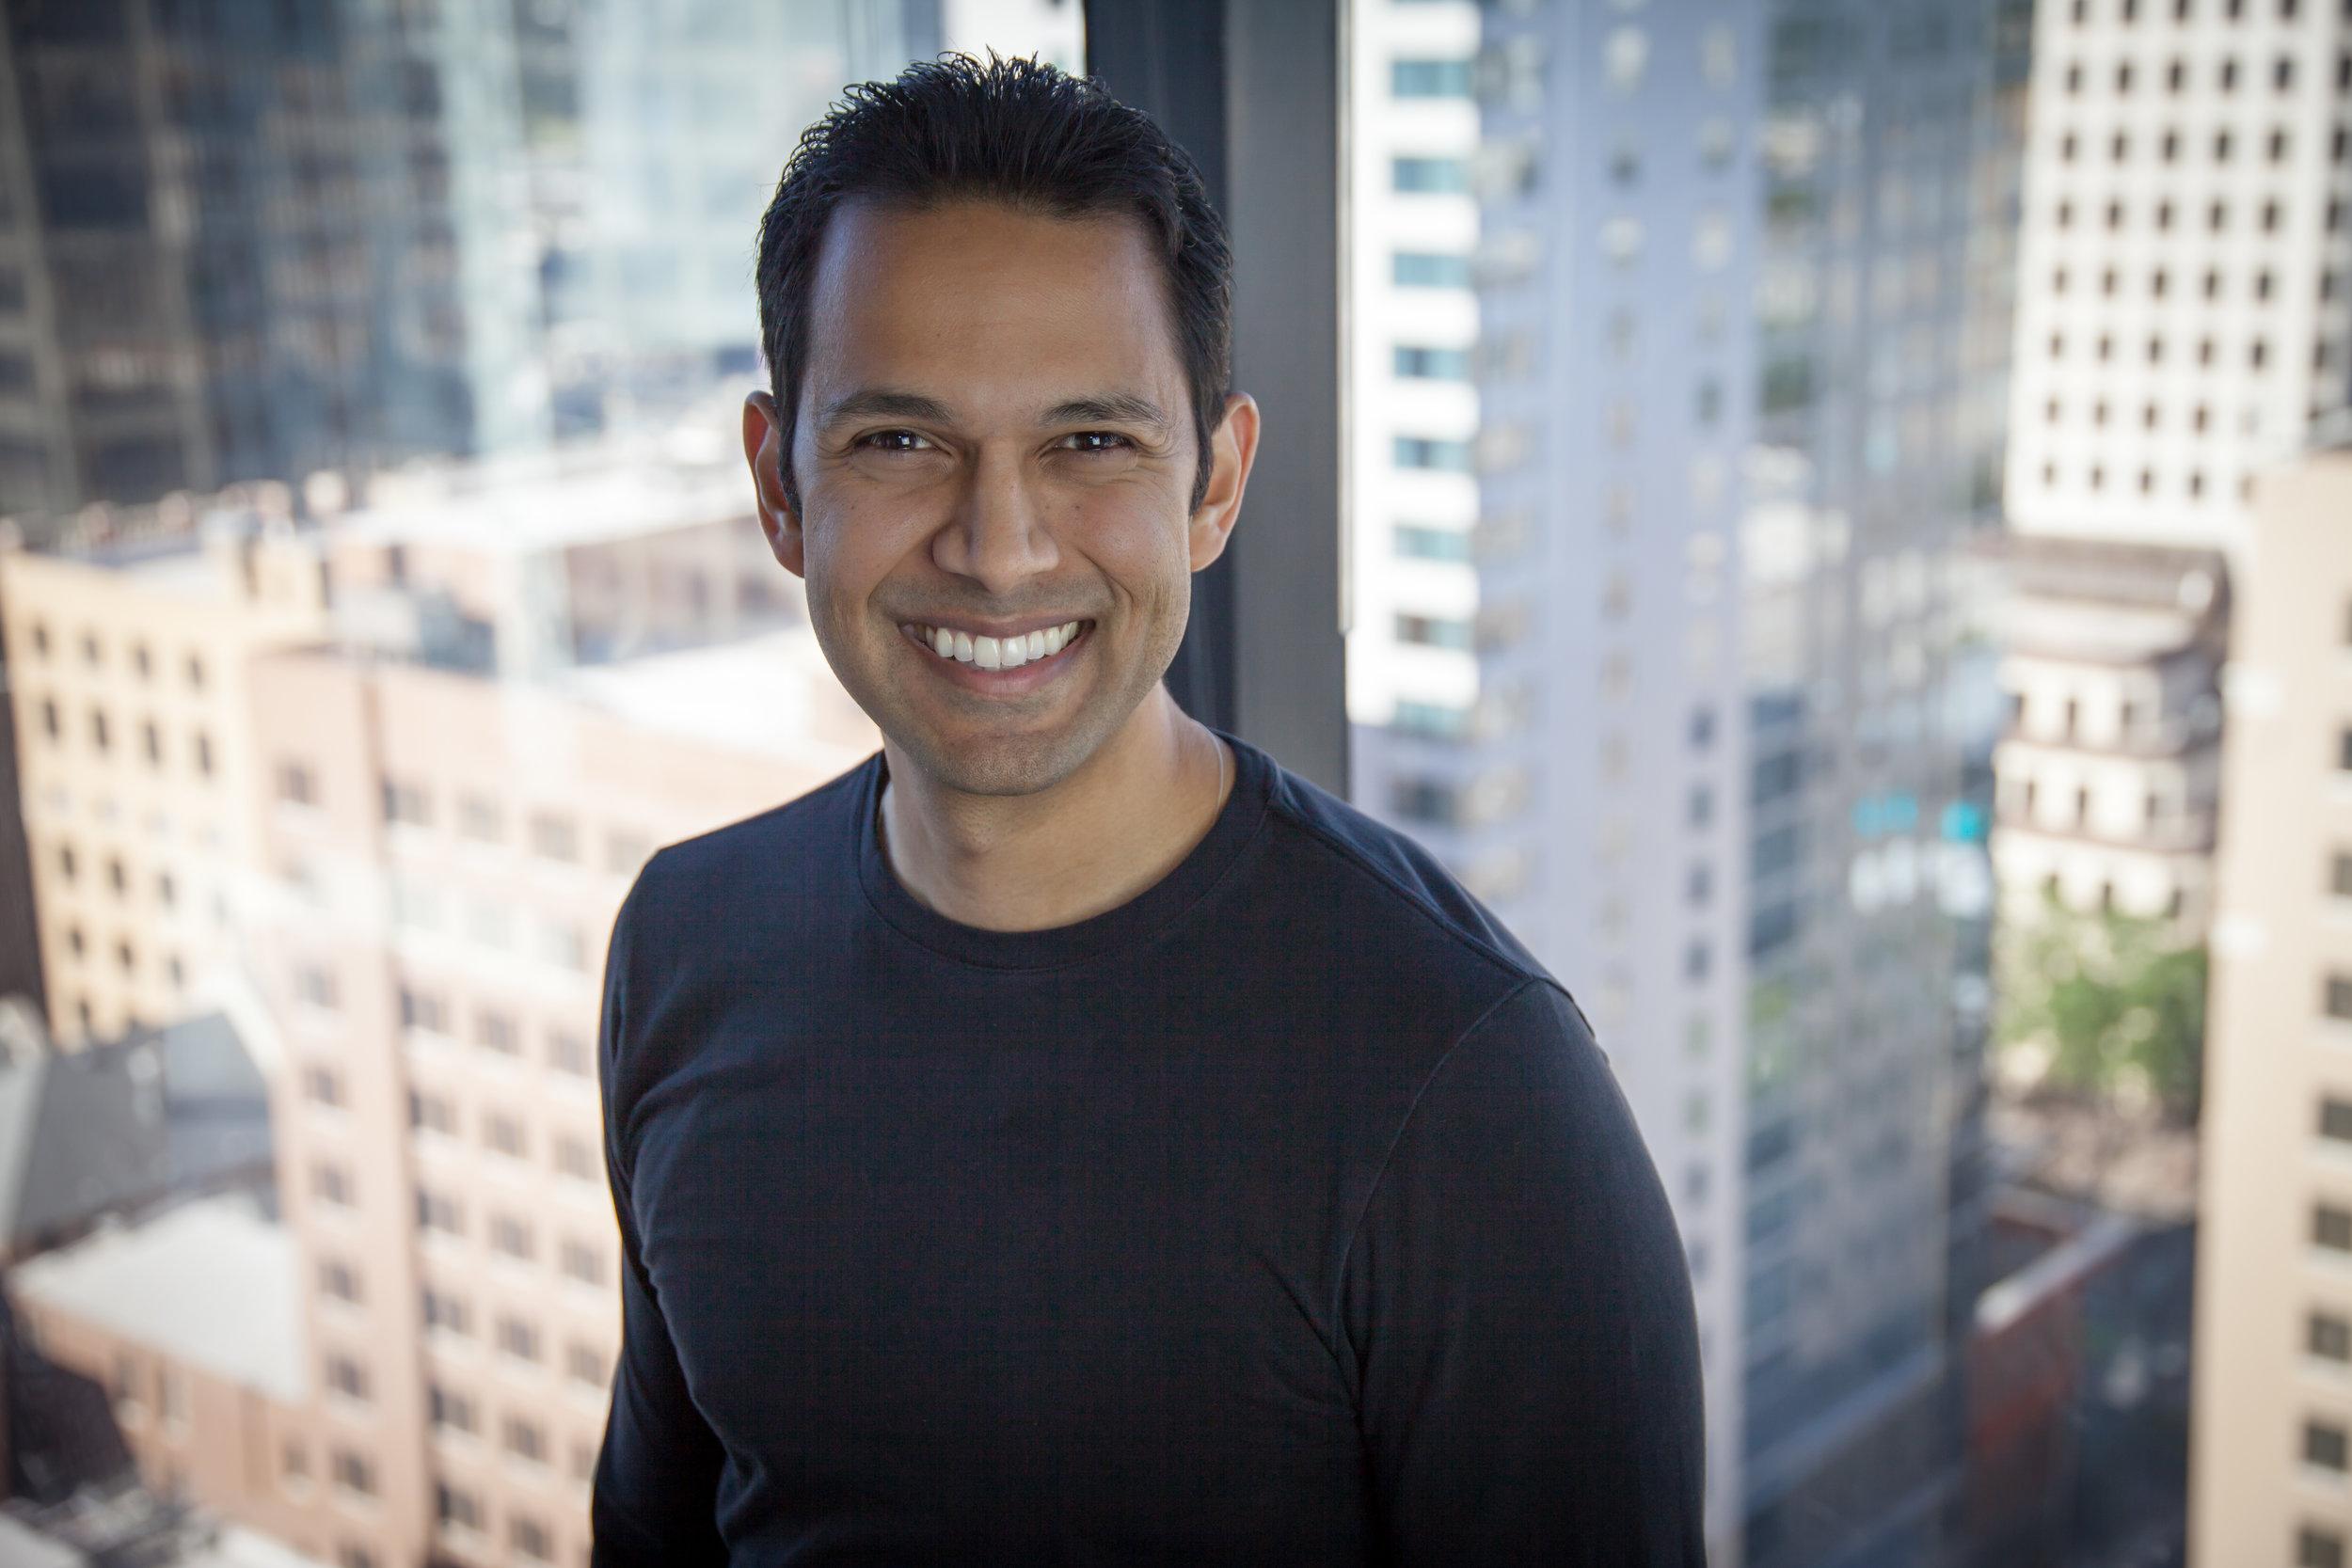 - Yogi Patel - iuzeitCentralized Product Data for Online Shoppers